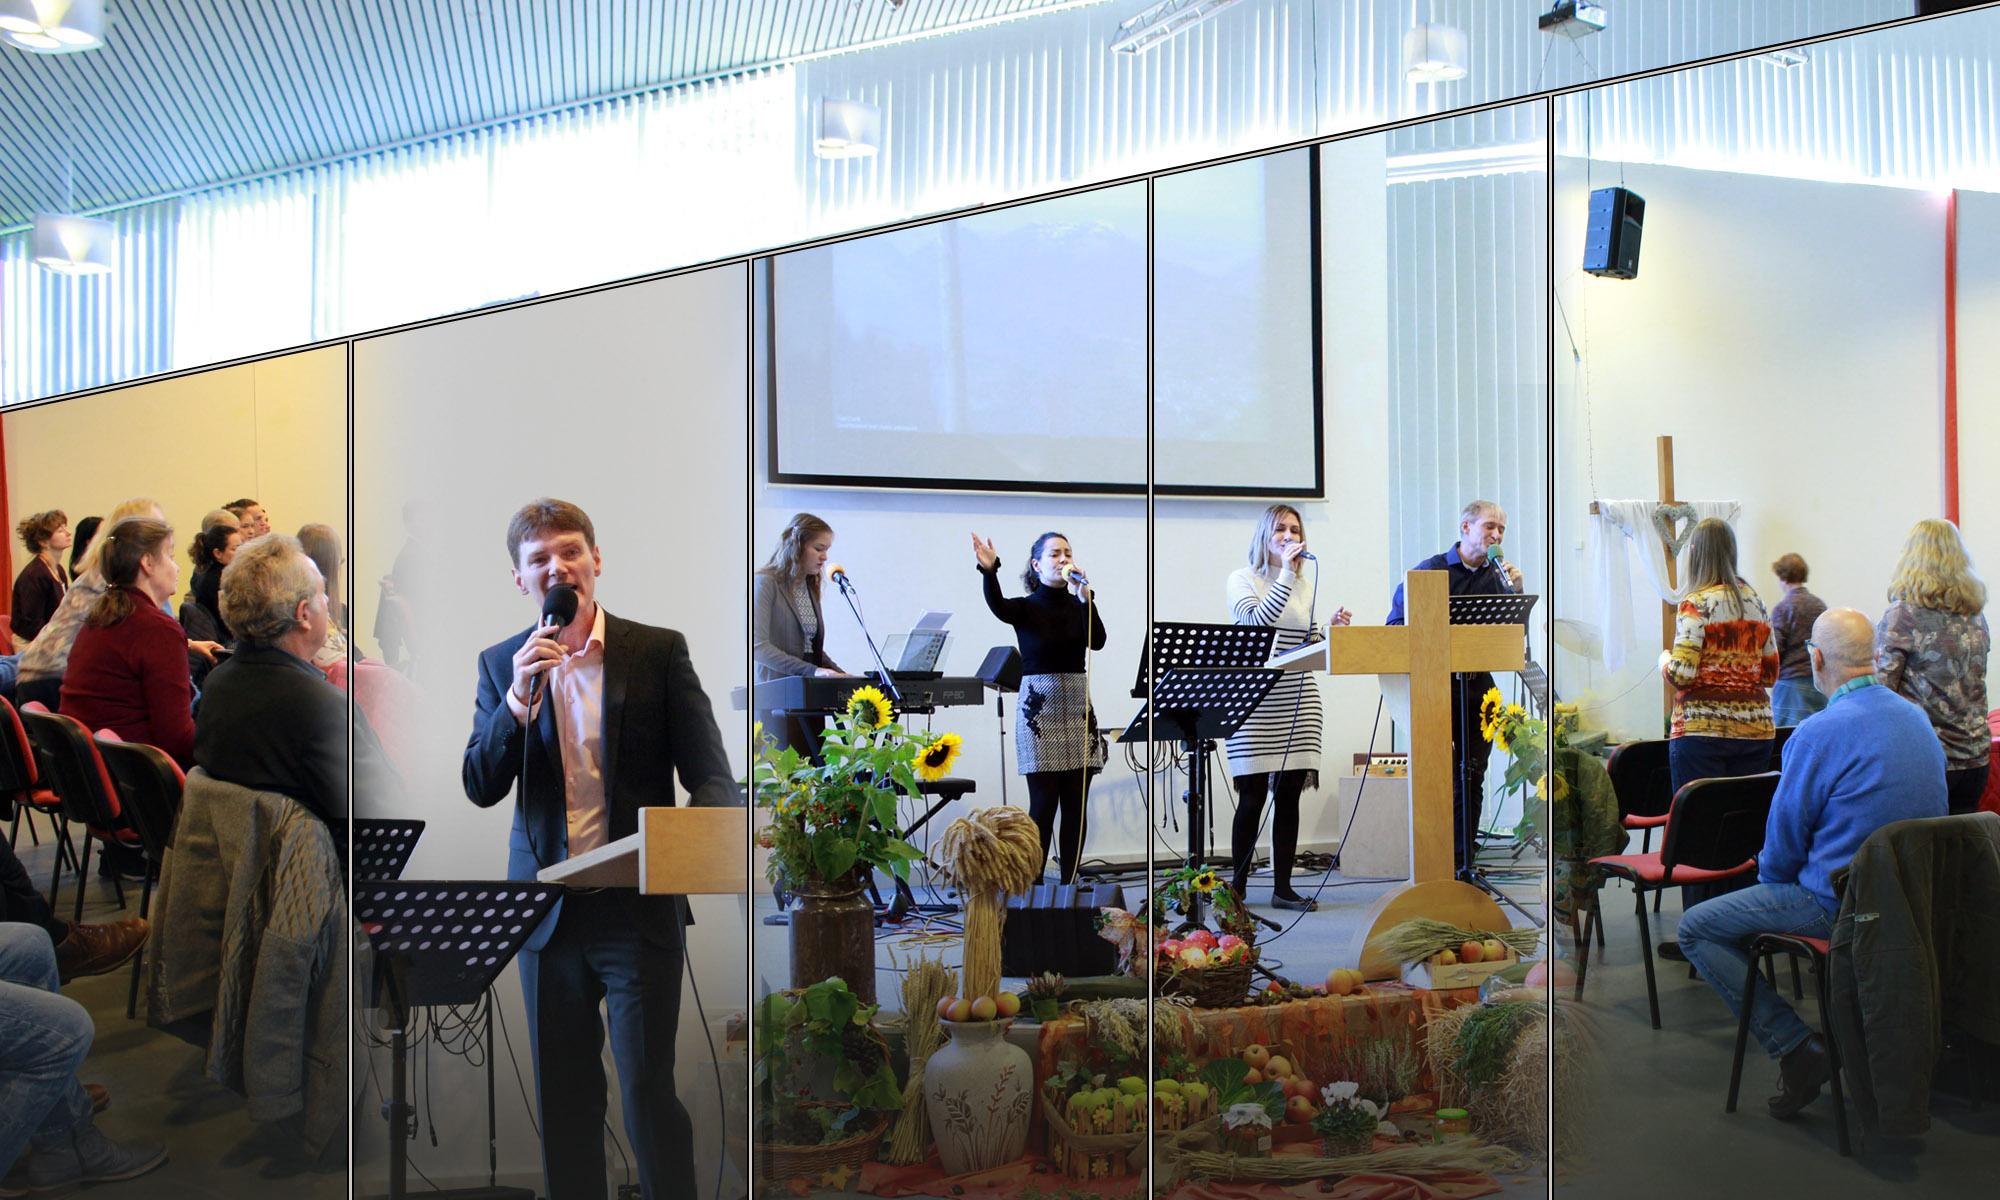 Christengemeinde Delmenhorst